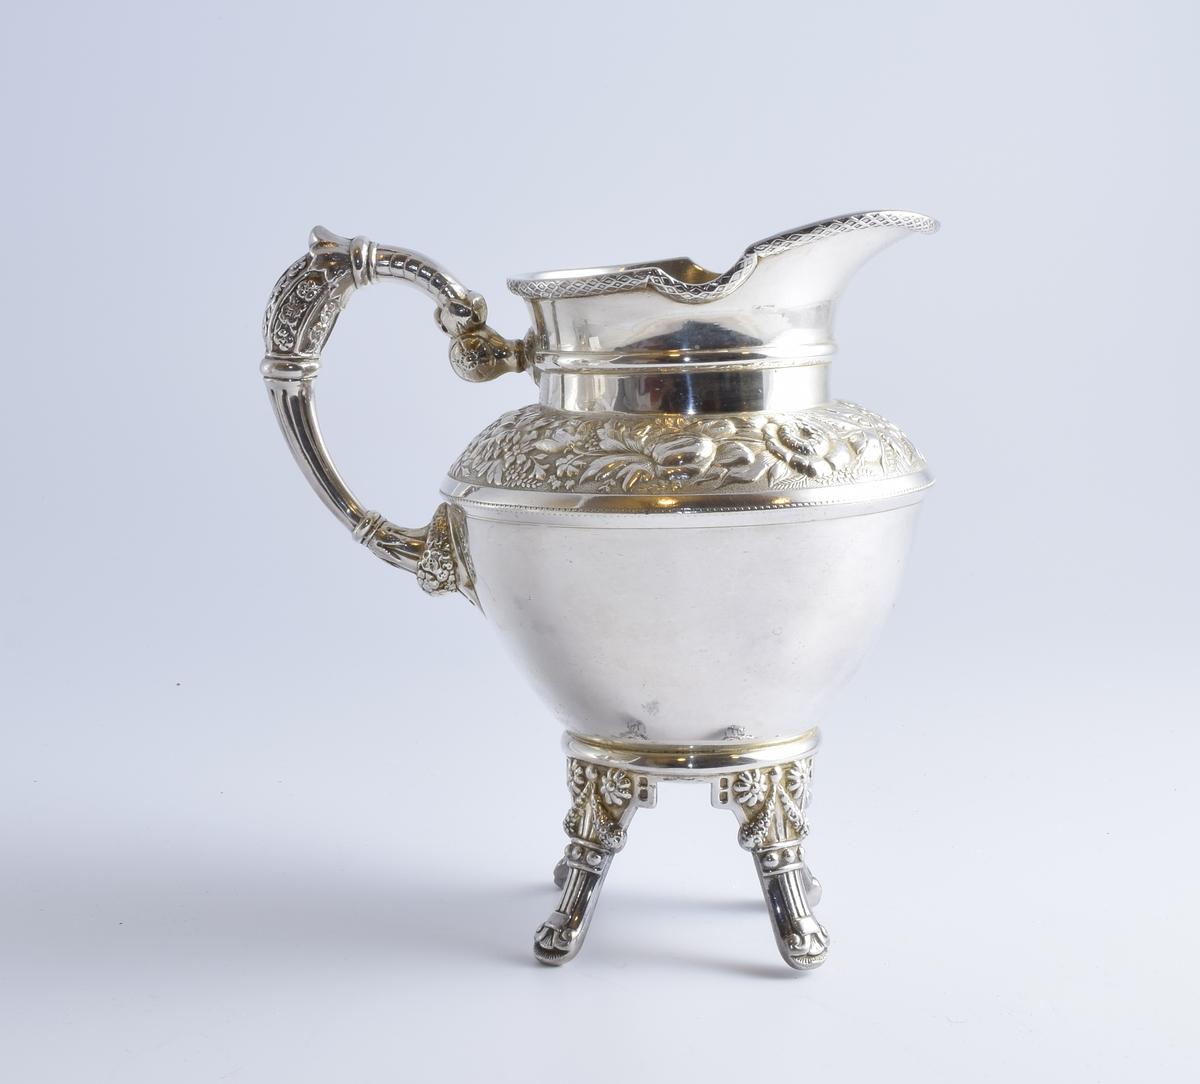 Fløtemugge i sølvplett med blomstermotiv. Muggen er del av et sett med to kanner og en sukkerskål.